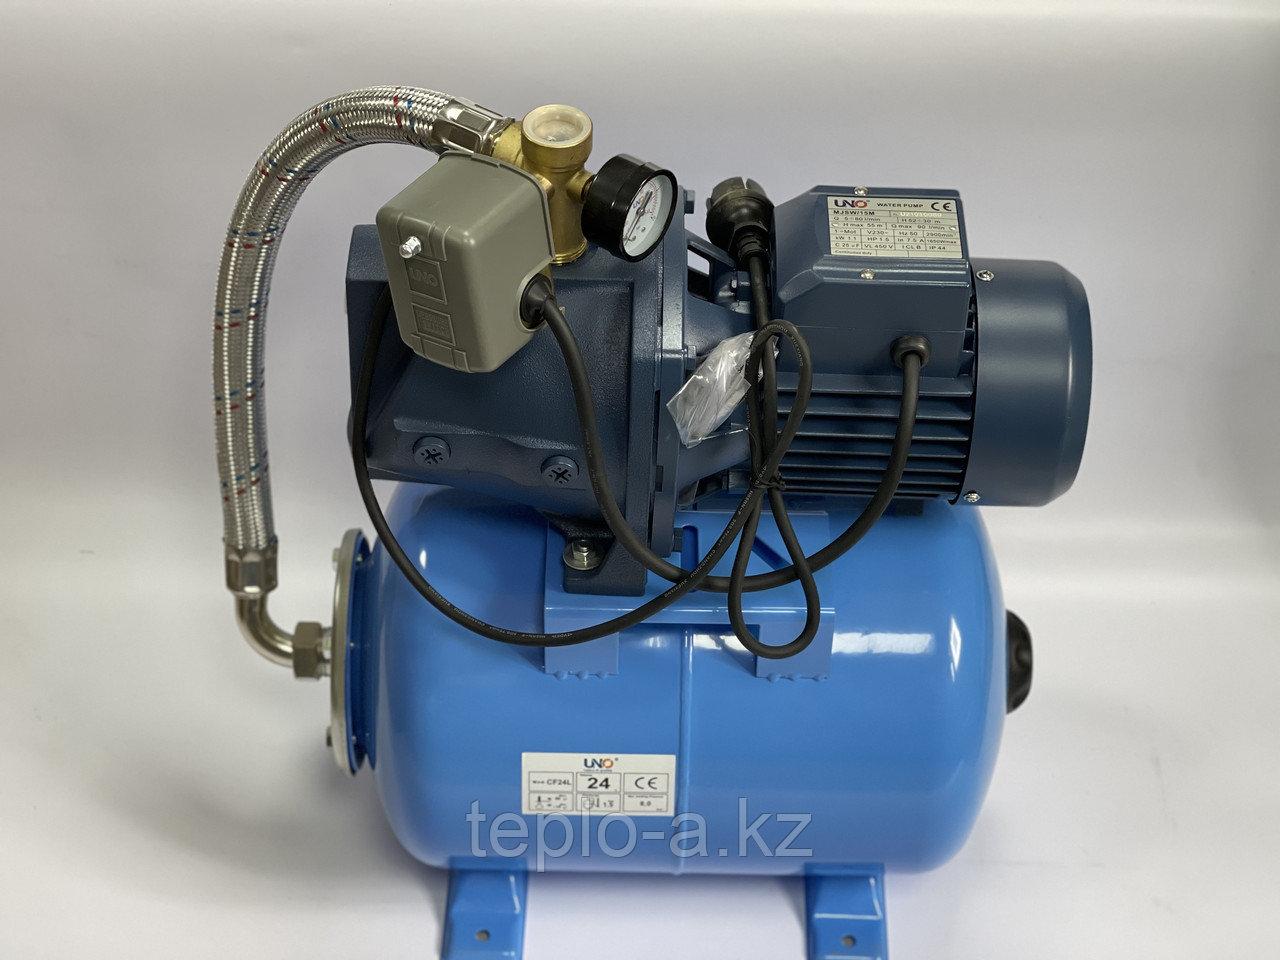 Автоматическая станция водоснабжения UNO MJSW 15-24